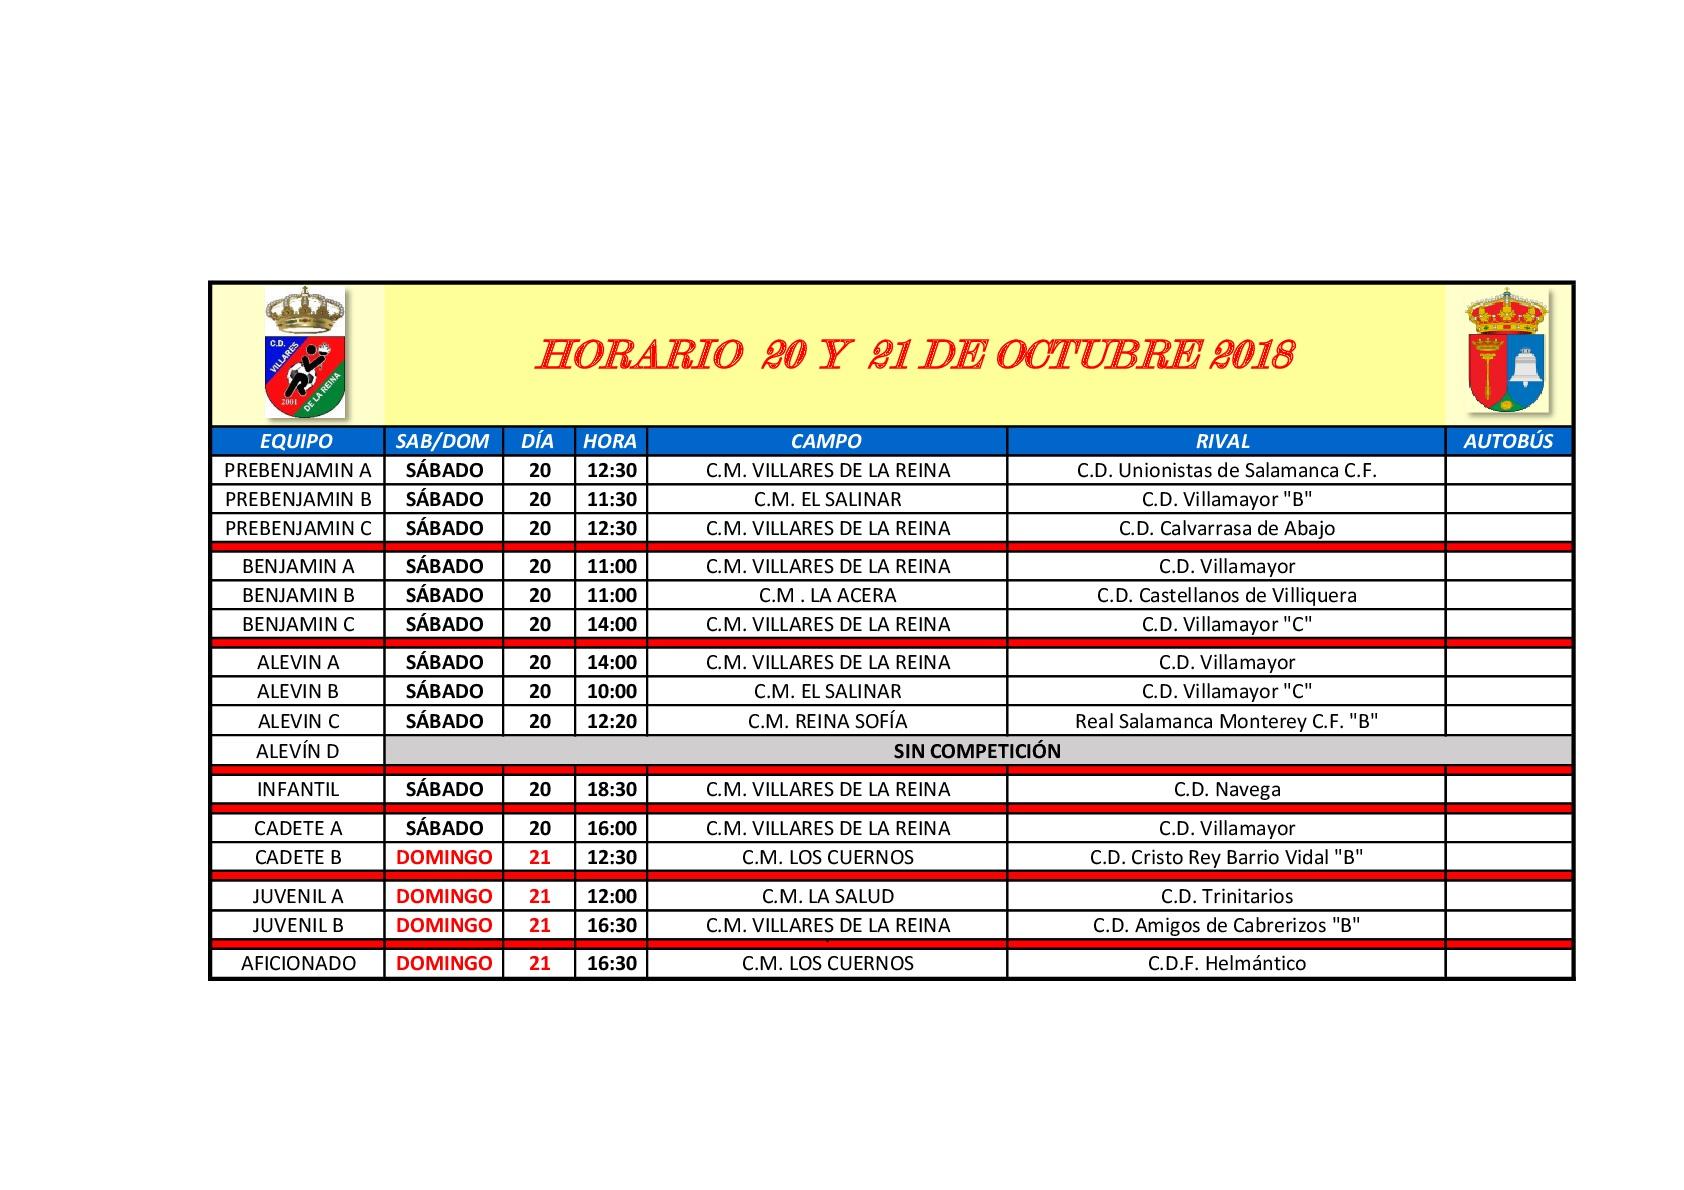 Horarios de f�tbol fin de semana 20 y 21 de Octubre